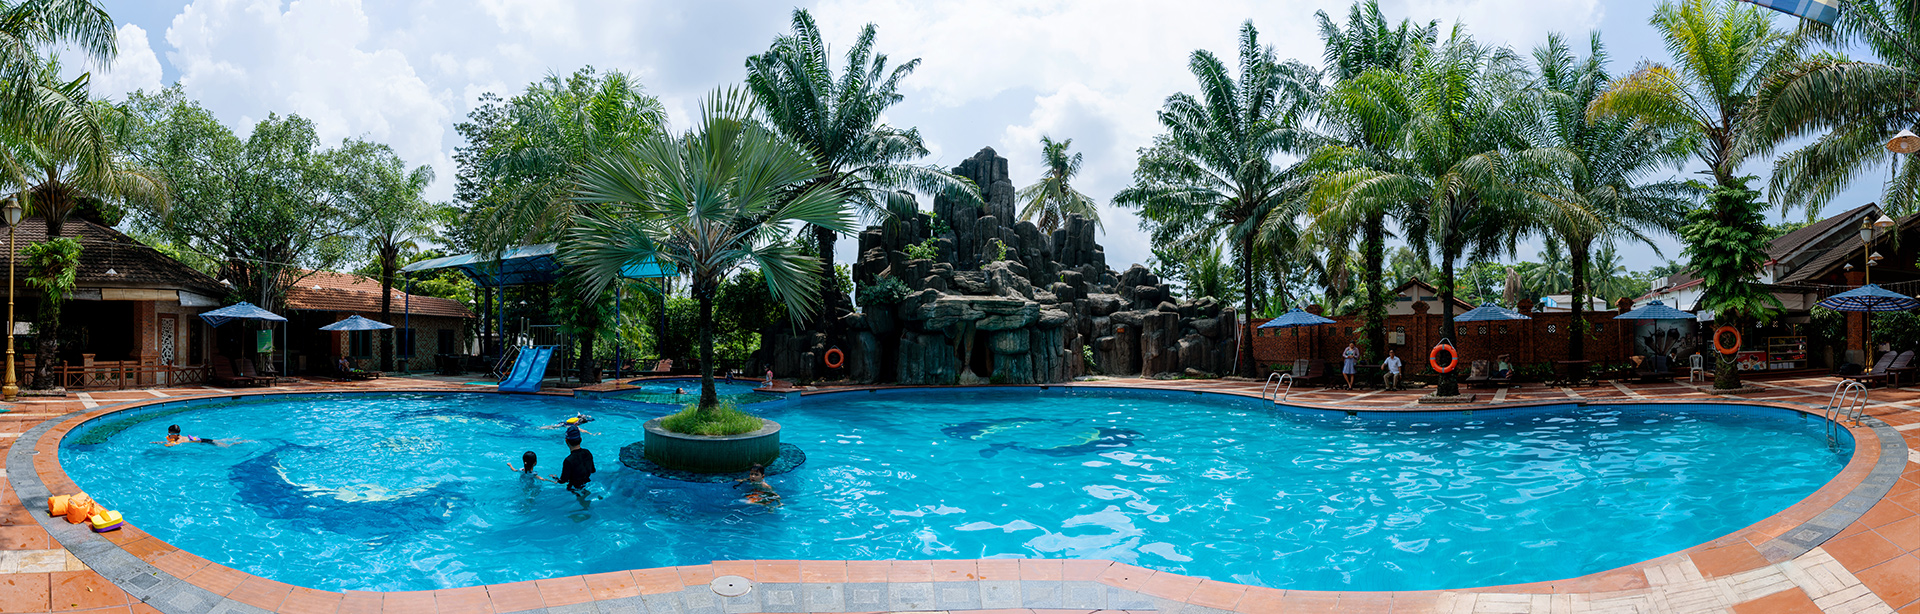 Địa điểm vui chơi gần Thành Phố Hồ Chí Minh.